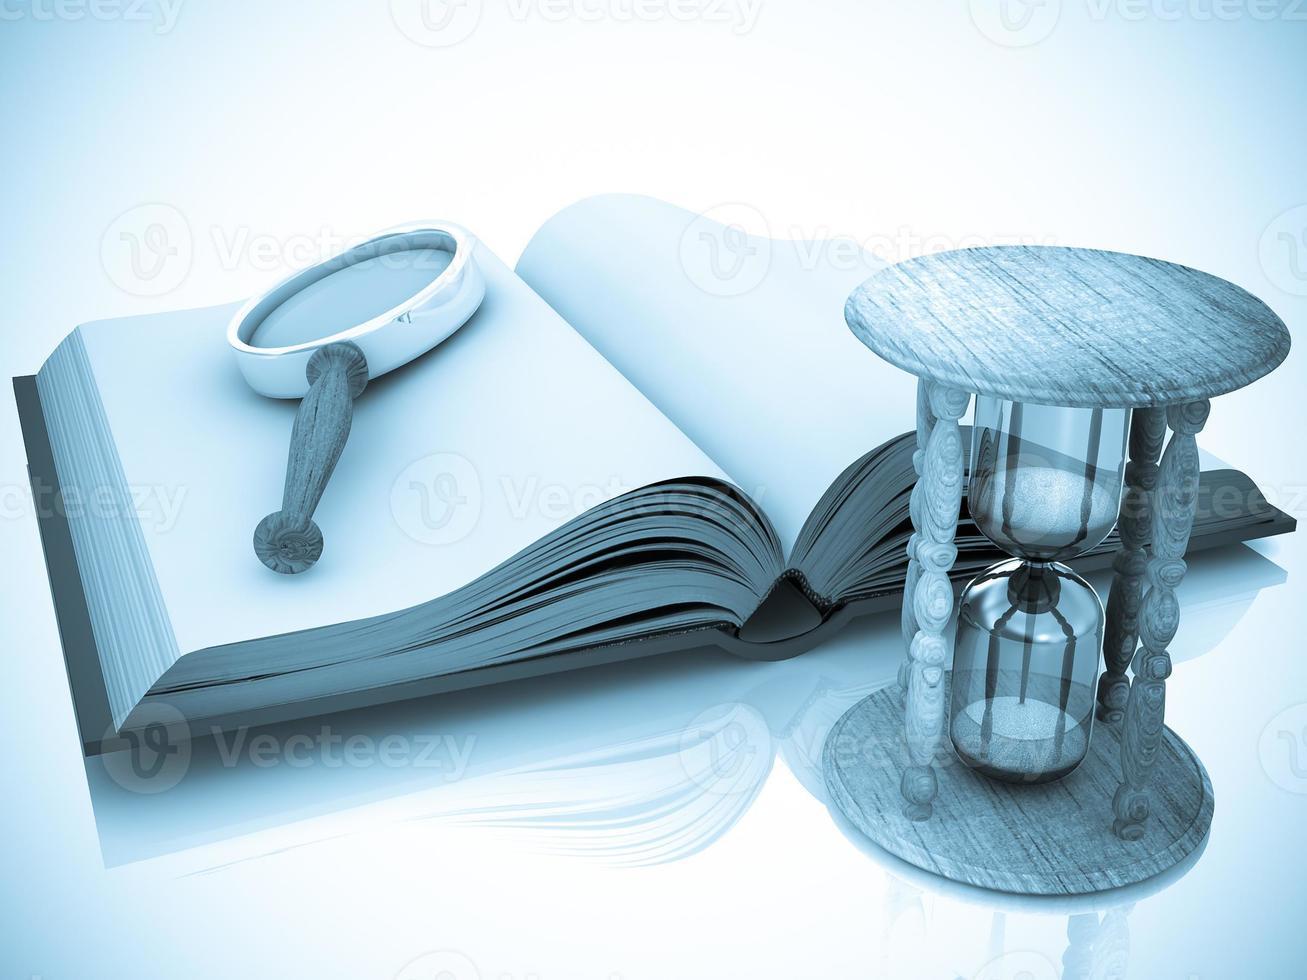 libro aperto con clessidra e lente d'ingrandimento foto